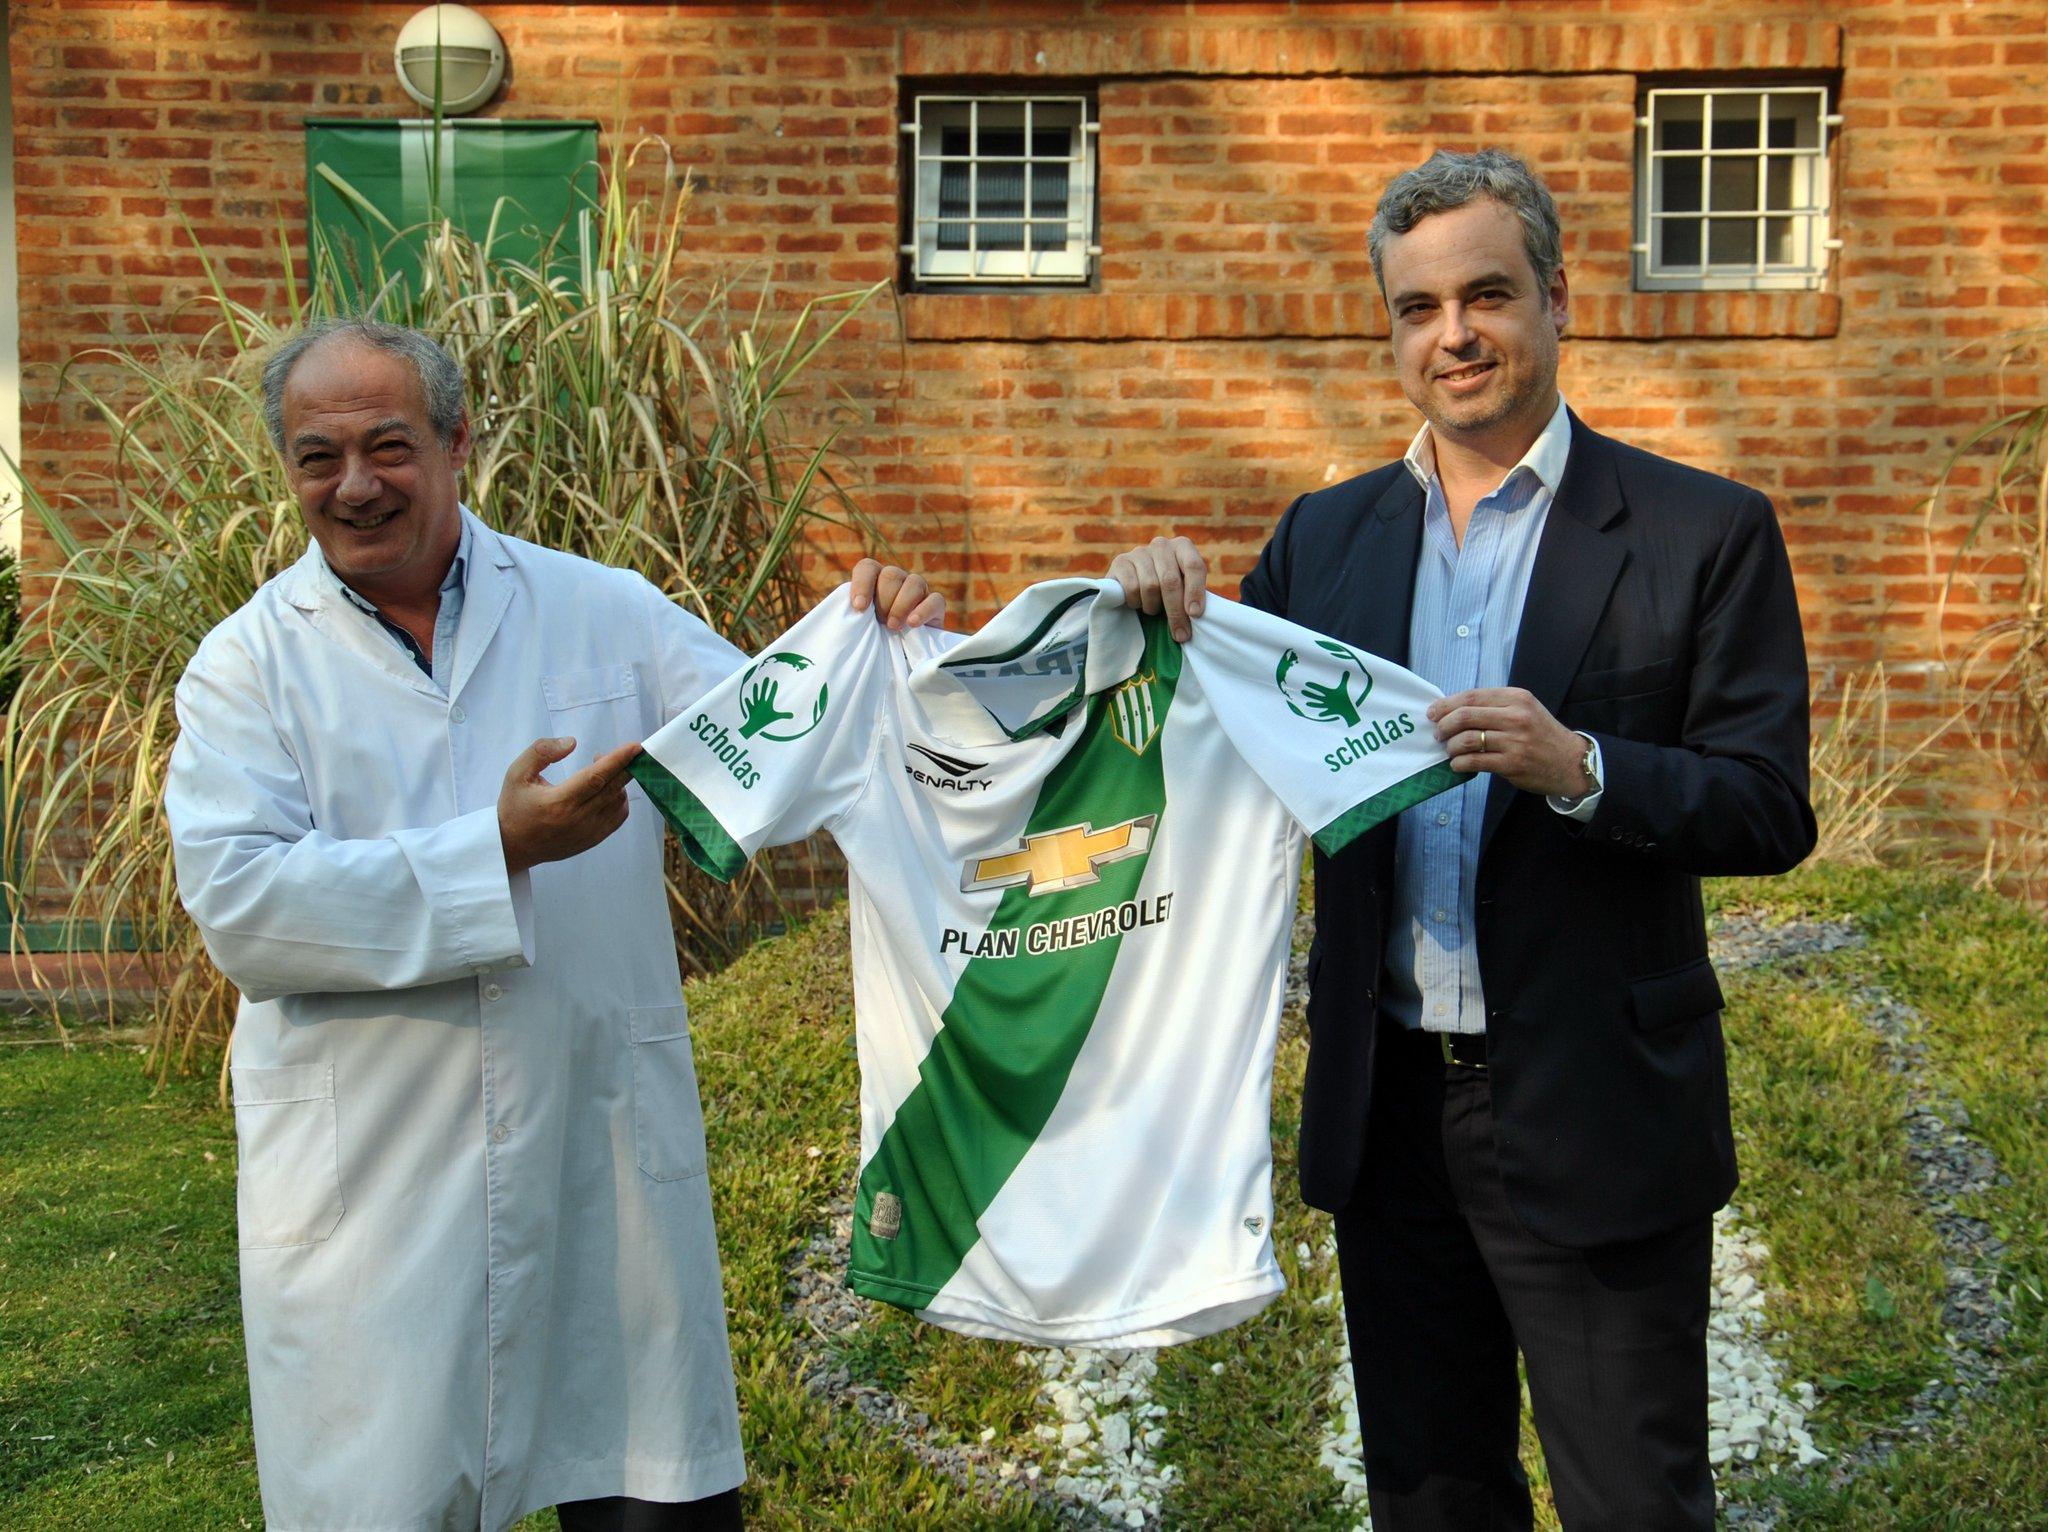 El presidente del club con la casaca | Foto Twitter Oficial